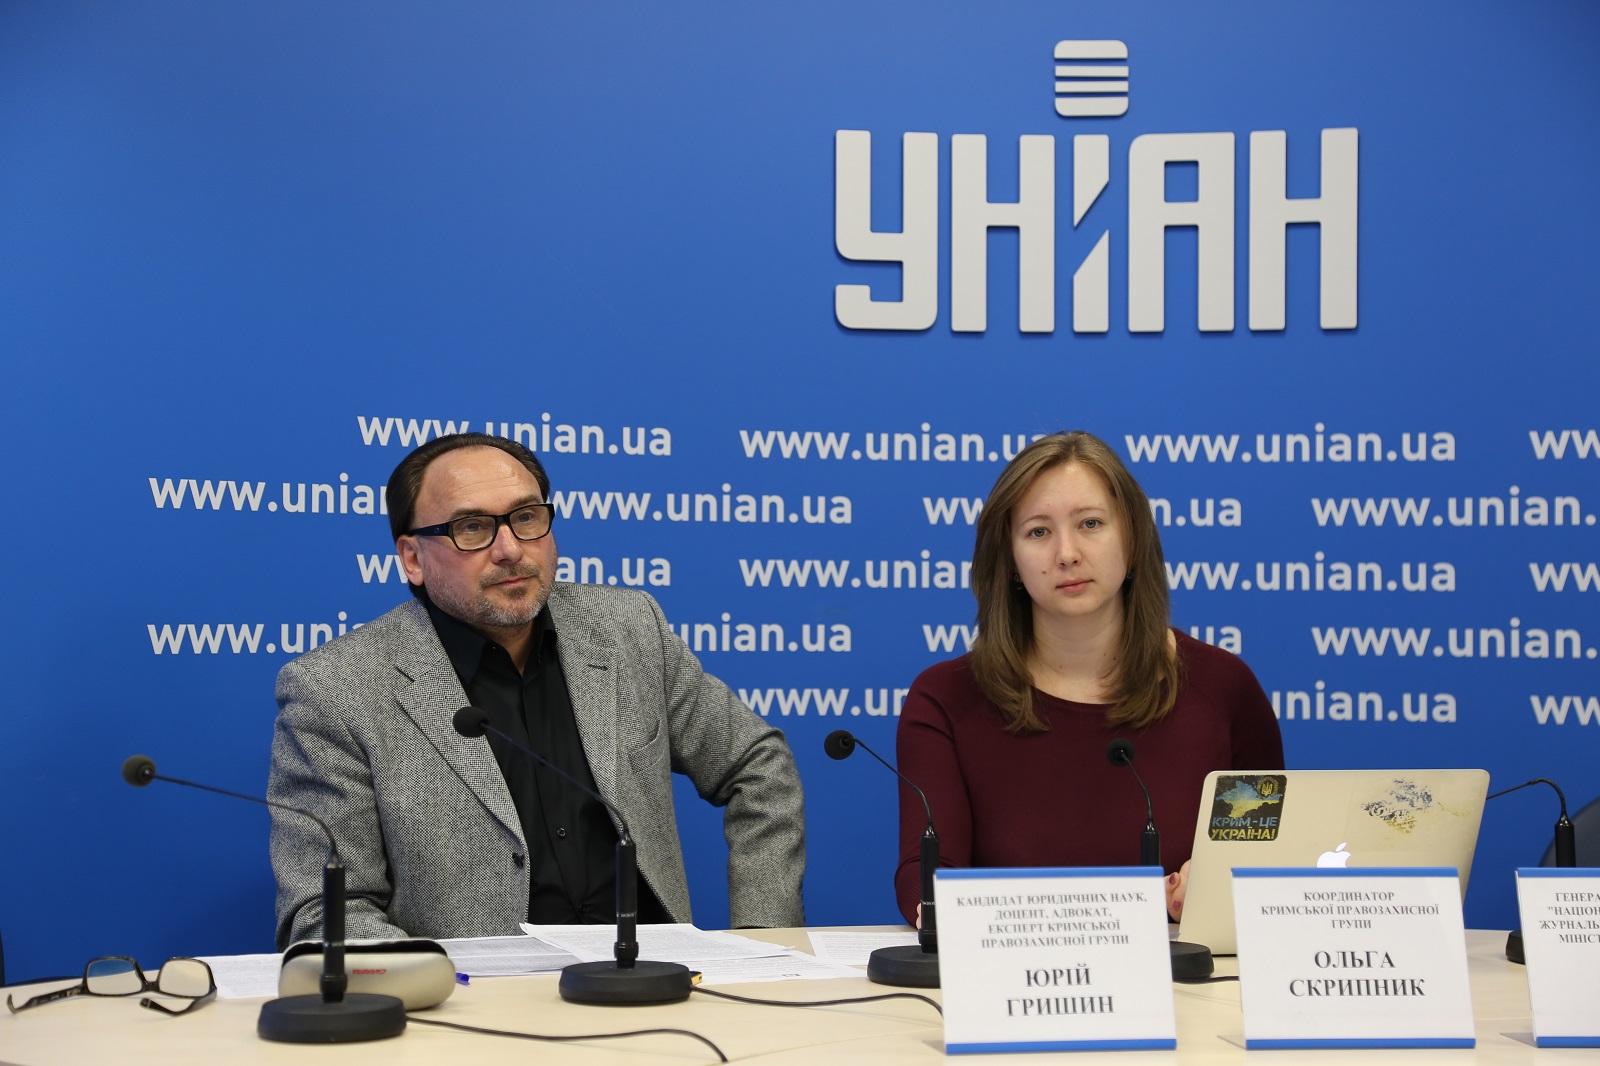 ФСБ в Крыму фабрикует дело против украинского активиста Владимира Балуха